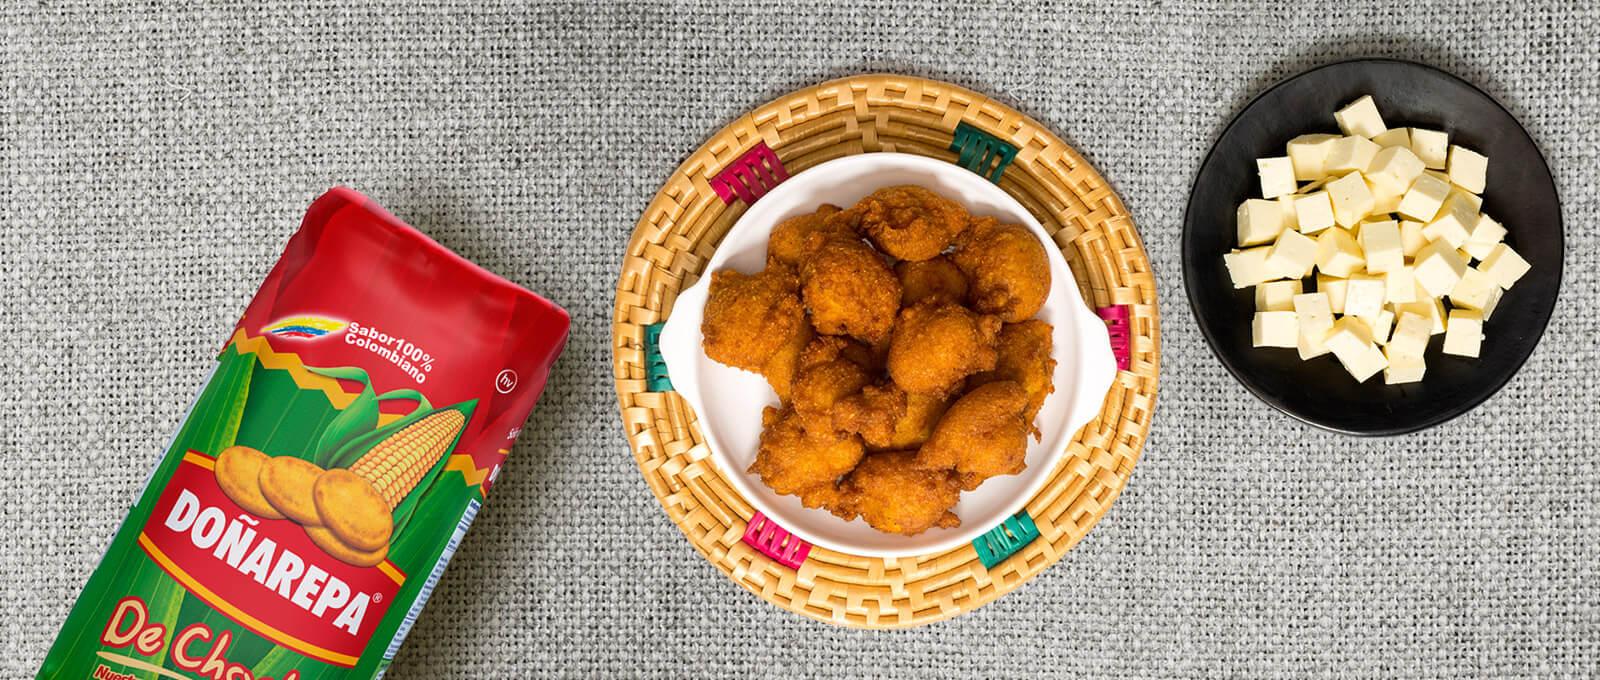 Croquetas de choclo con harina maiz de Doñarepa